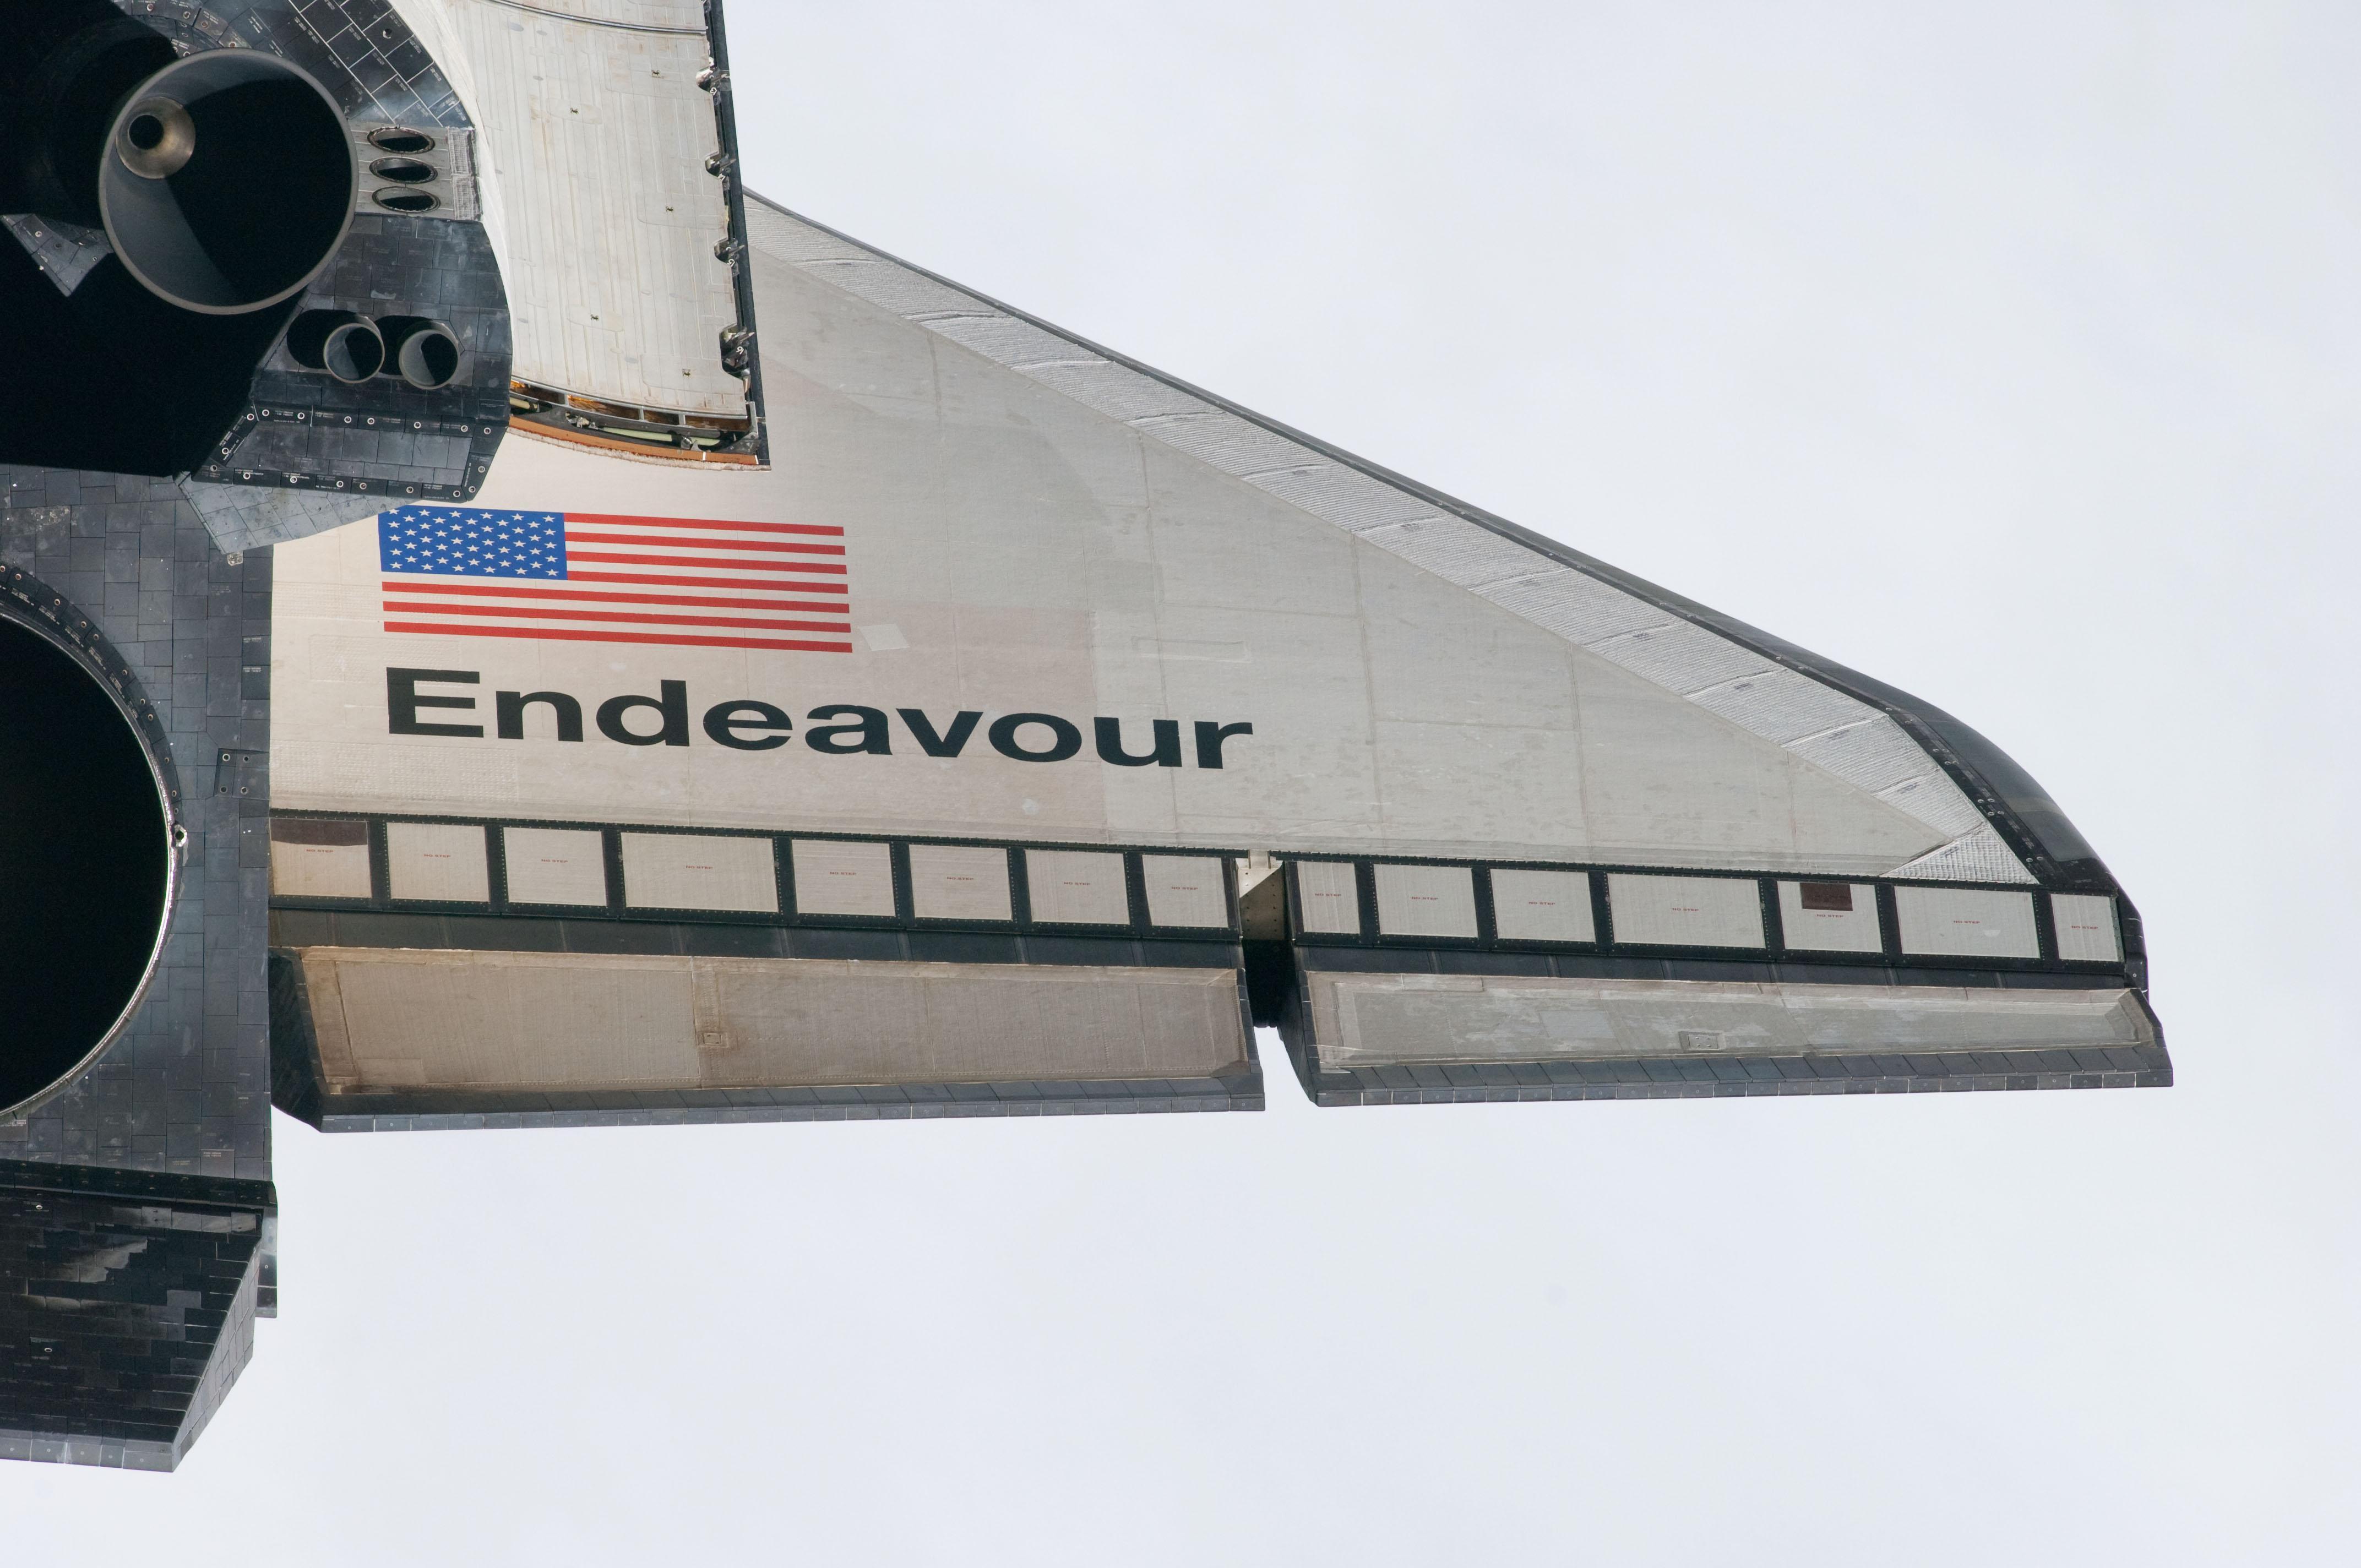 endeavour - photo #31